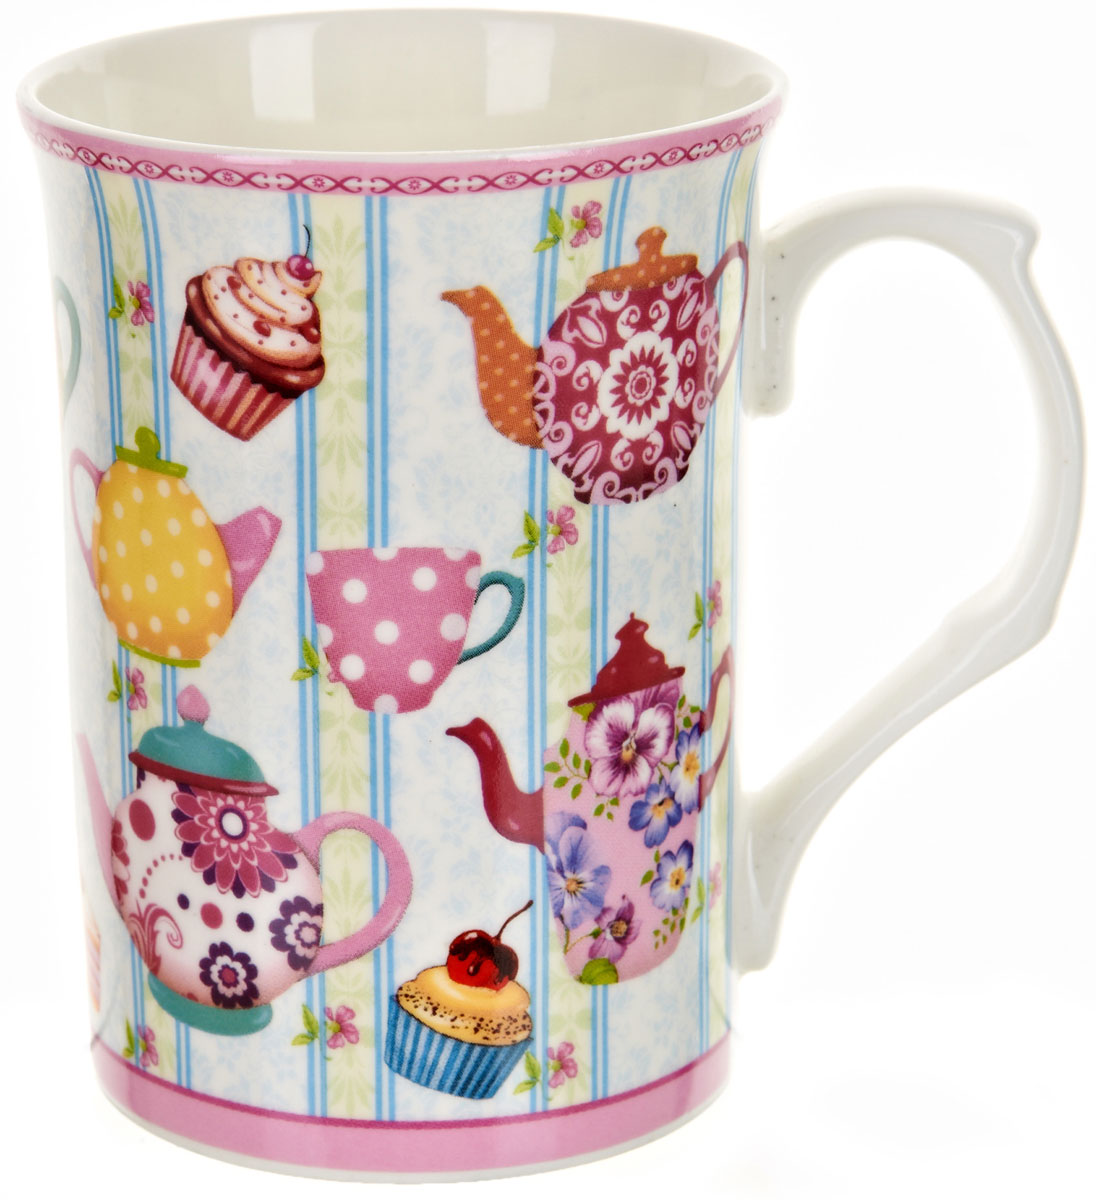 Кружка Polystar Английское чаепитие, 250 мл polystar кружка романс 310 мл